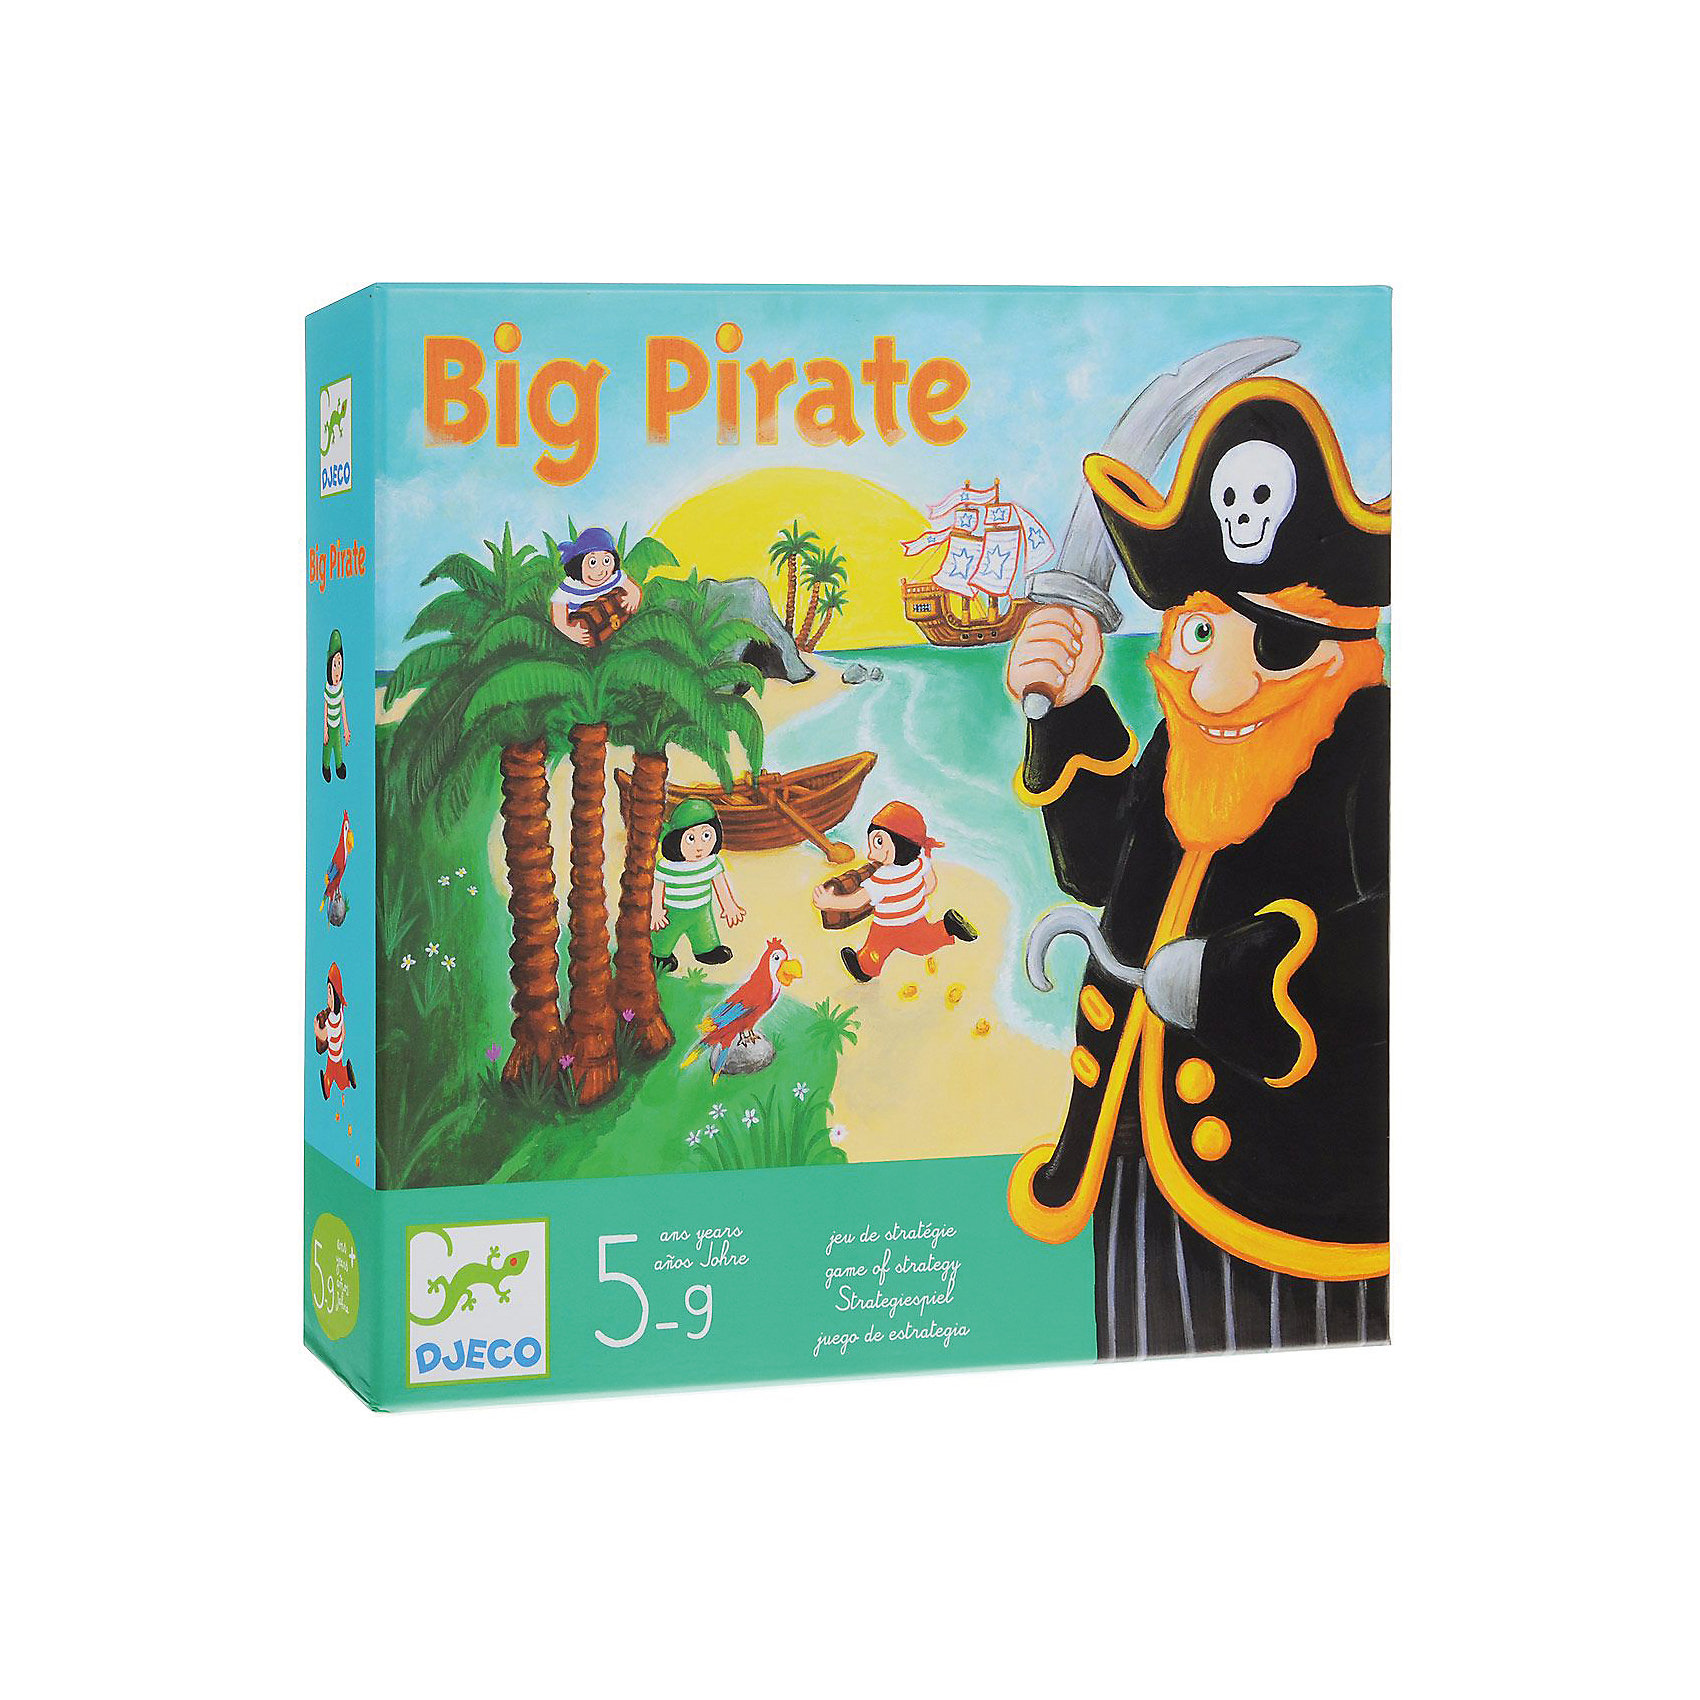 Игра Большой пират, DJECOНастольные игры ходилки<br>Увлекательная настольная игра  Большой пират DJECO (Джеко) развивает логику, внимательность и стратегическое мышление. В игре могут принимать участие от 2 до 4 игроков. Все игроки делятся на пиратов и юнг. Юнги получают карточки с изображением попугая и кокосовой пальмы, а пирату достается пещера, сундук с сокровищами и черный кубик.<br>Игроки, начиная с юнг, бросают кубик и передвигаются на выпавшее количество ячеек на поле. Тот, кто добрался до пещеры, забирает с собой один сундук и пытается унести его в лодку. При этом важно не попасться в руки пирату.<br><br>Дополнительная информация:<br><br>- В комплекте: красочное игровое поле, 1 фигурка пирата, 3 фигурки юнги, 3 сундука с сокровищами, 7 потайных мест (пальм), 9 карточек пальма, 4 карточки попугай, 1 кубик<br>  пирата и 1 кубик юнги. <br>- Материал: картон.<br>- Размер упаковки: 30 х 28 х 6,5см.<br>- Вес: 1,160 кг.<br><br>Игру Большой пират DJECO (Джеко) можно купить в нашем магазине.<br><br>Ширина мм: 280<br>Глубина мм: 65<br>Высота мм: 300<br>Вес г: 700<br>Возраст от месяцев: 60<br>Возраст до месяцев: 144<br>Пол: Мужской<br>Возраст: Детский<br>SKU: 2200011